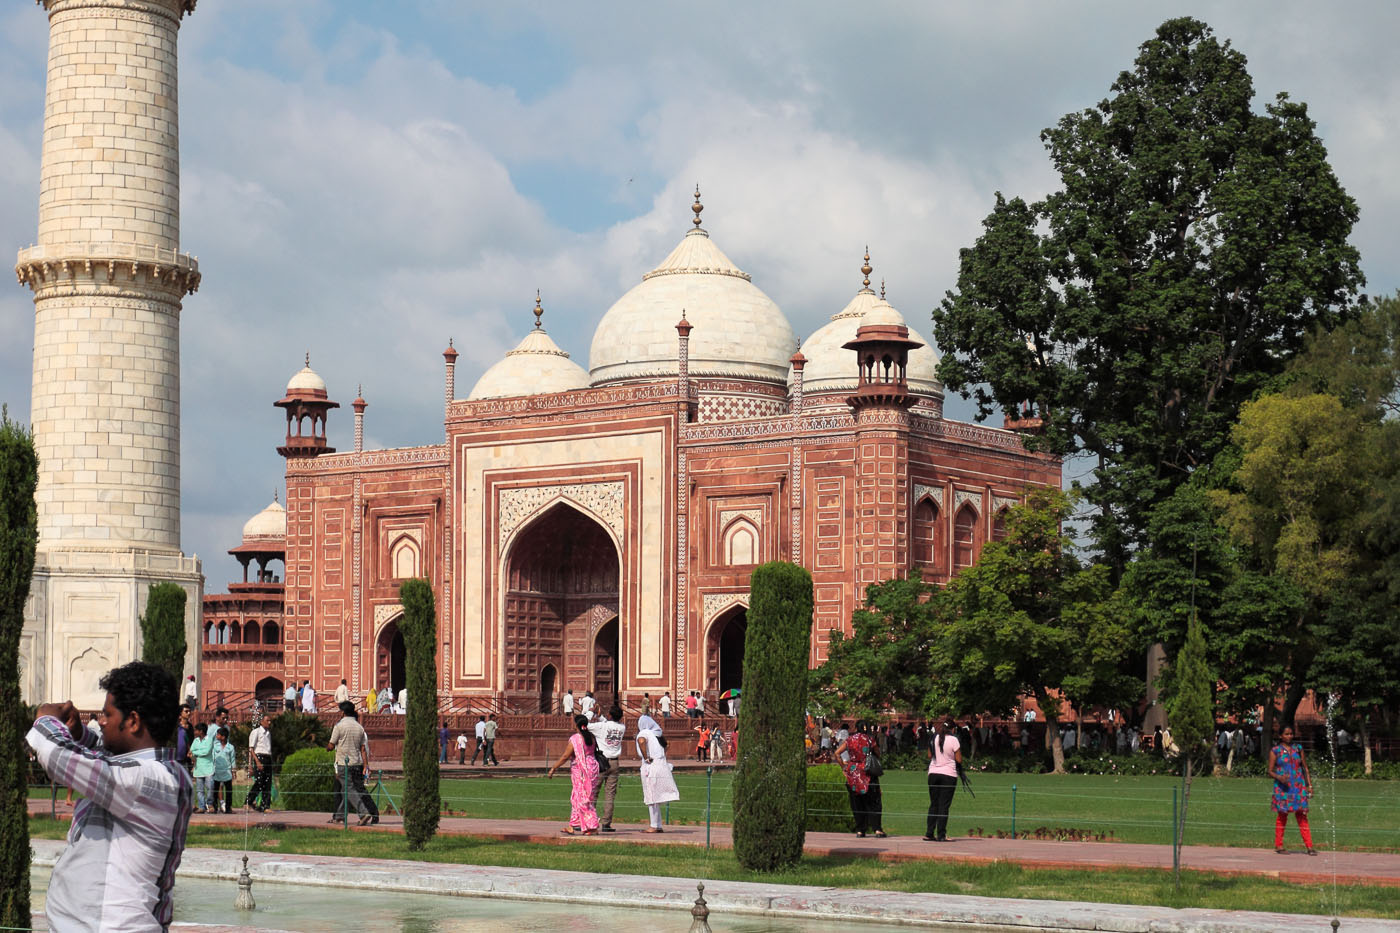 Фотография 13. Комплекс мавзолея Тадж Махал находится в городе Агра. Отчет о поездке по Золотому треугольнику Индии.